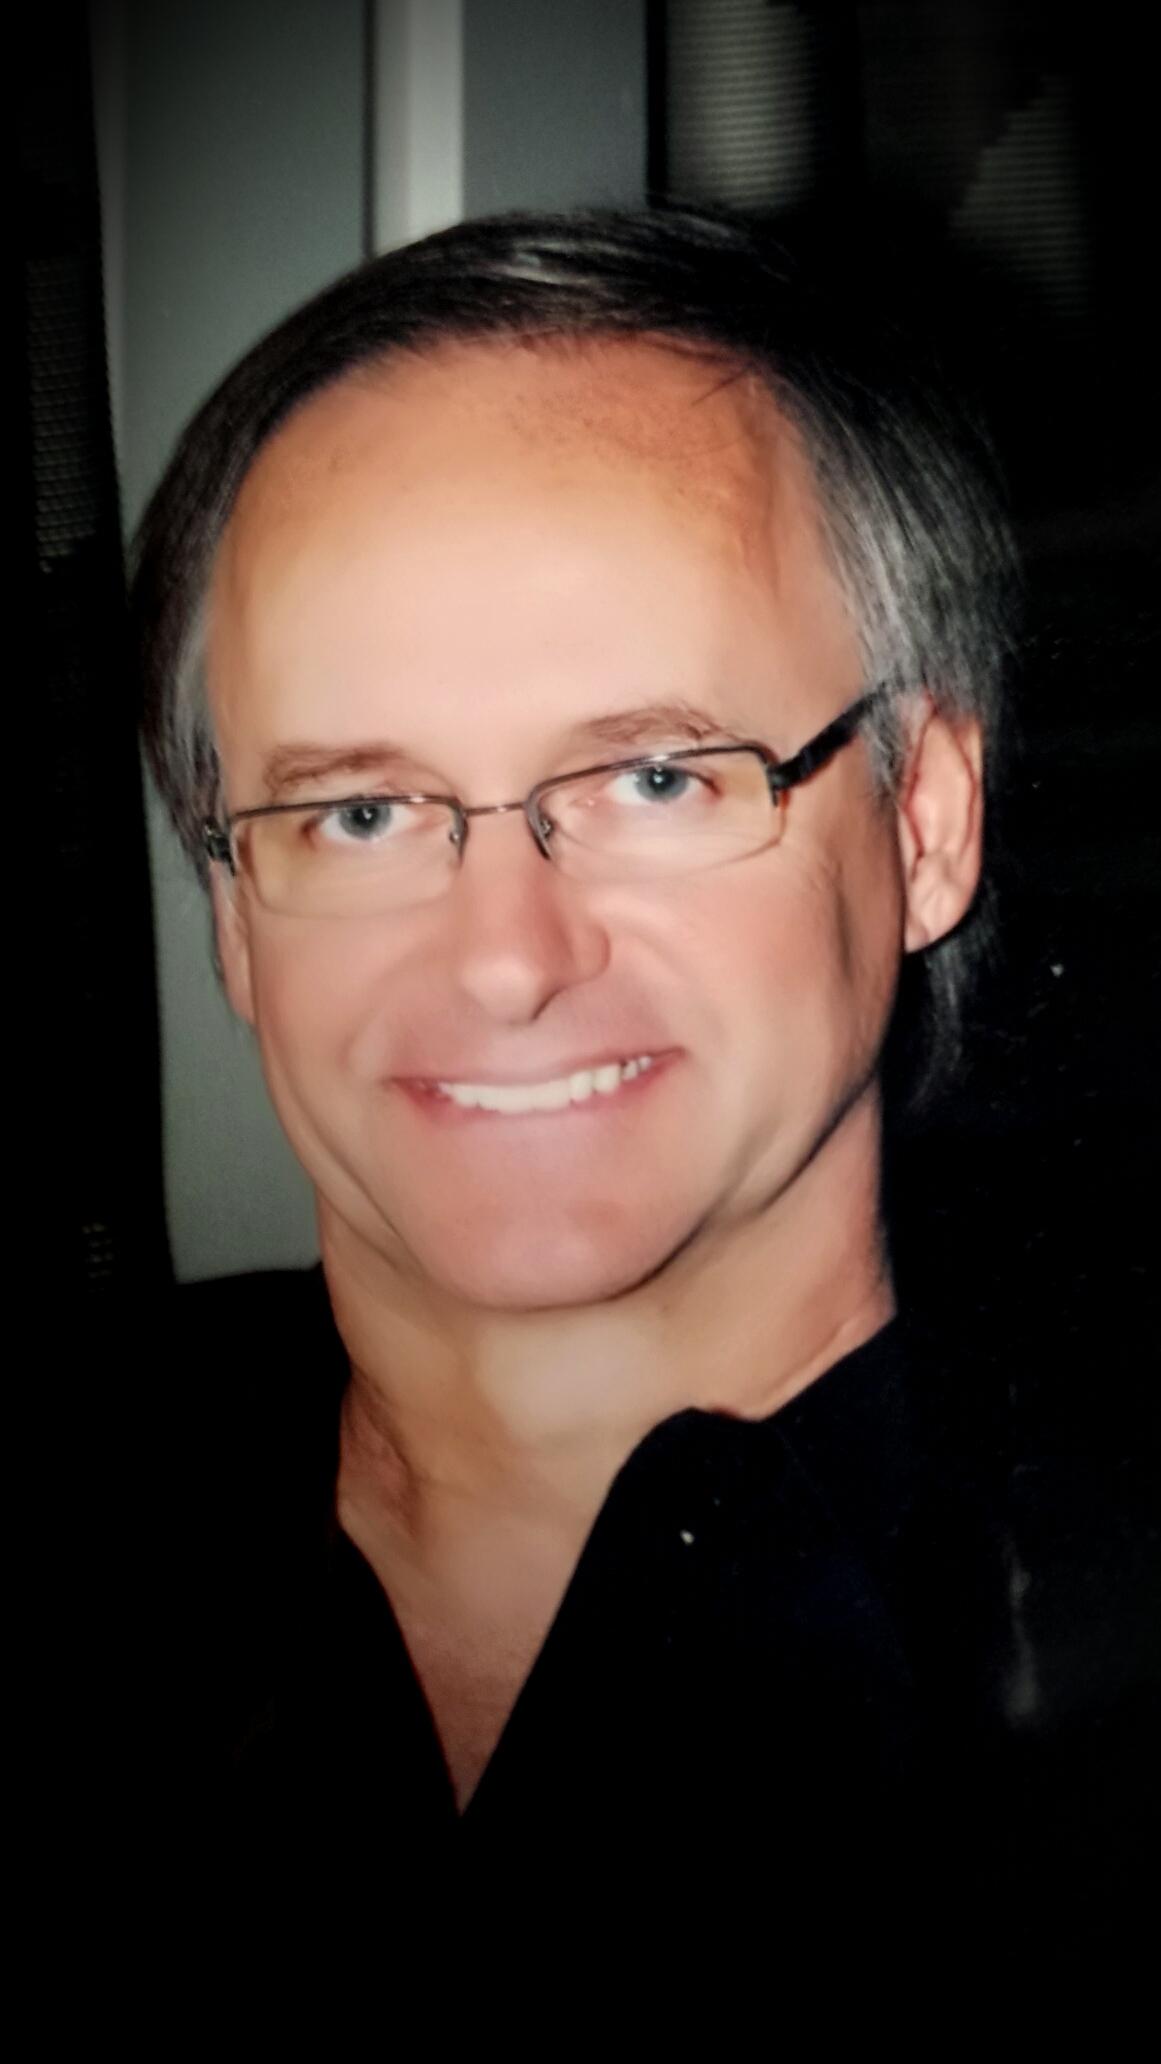 Christopher Pohren